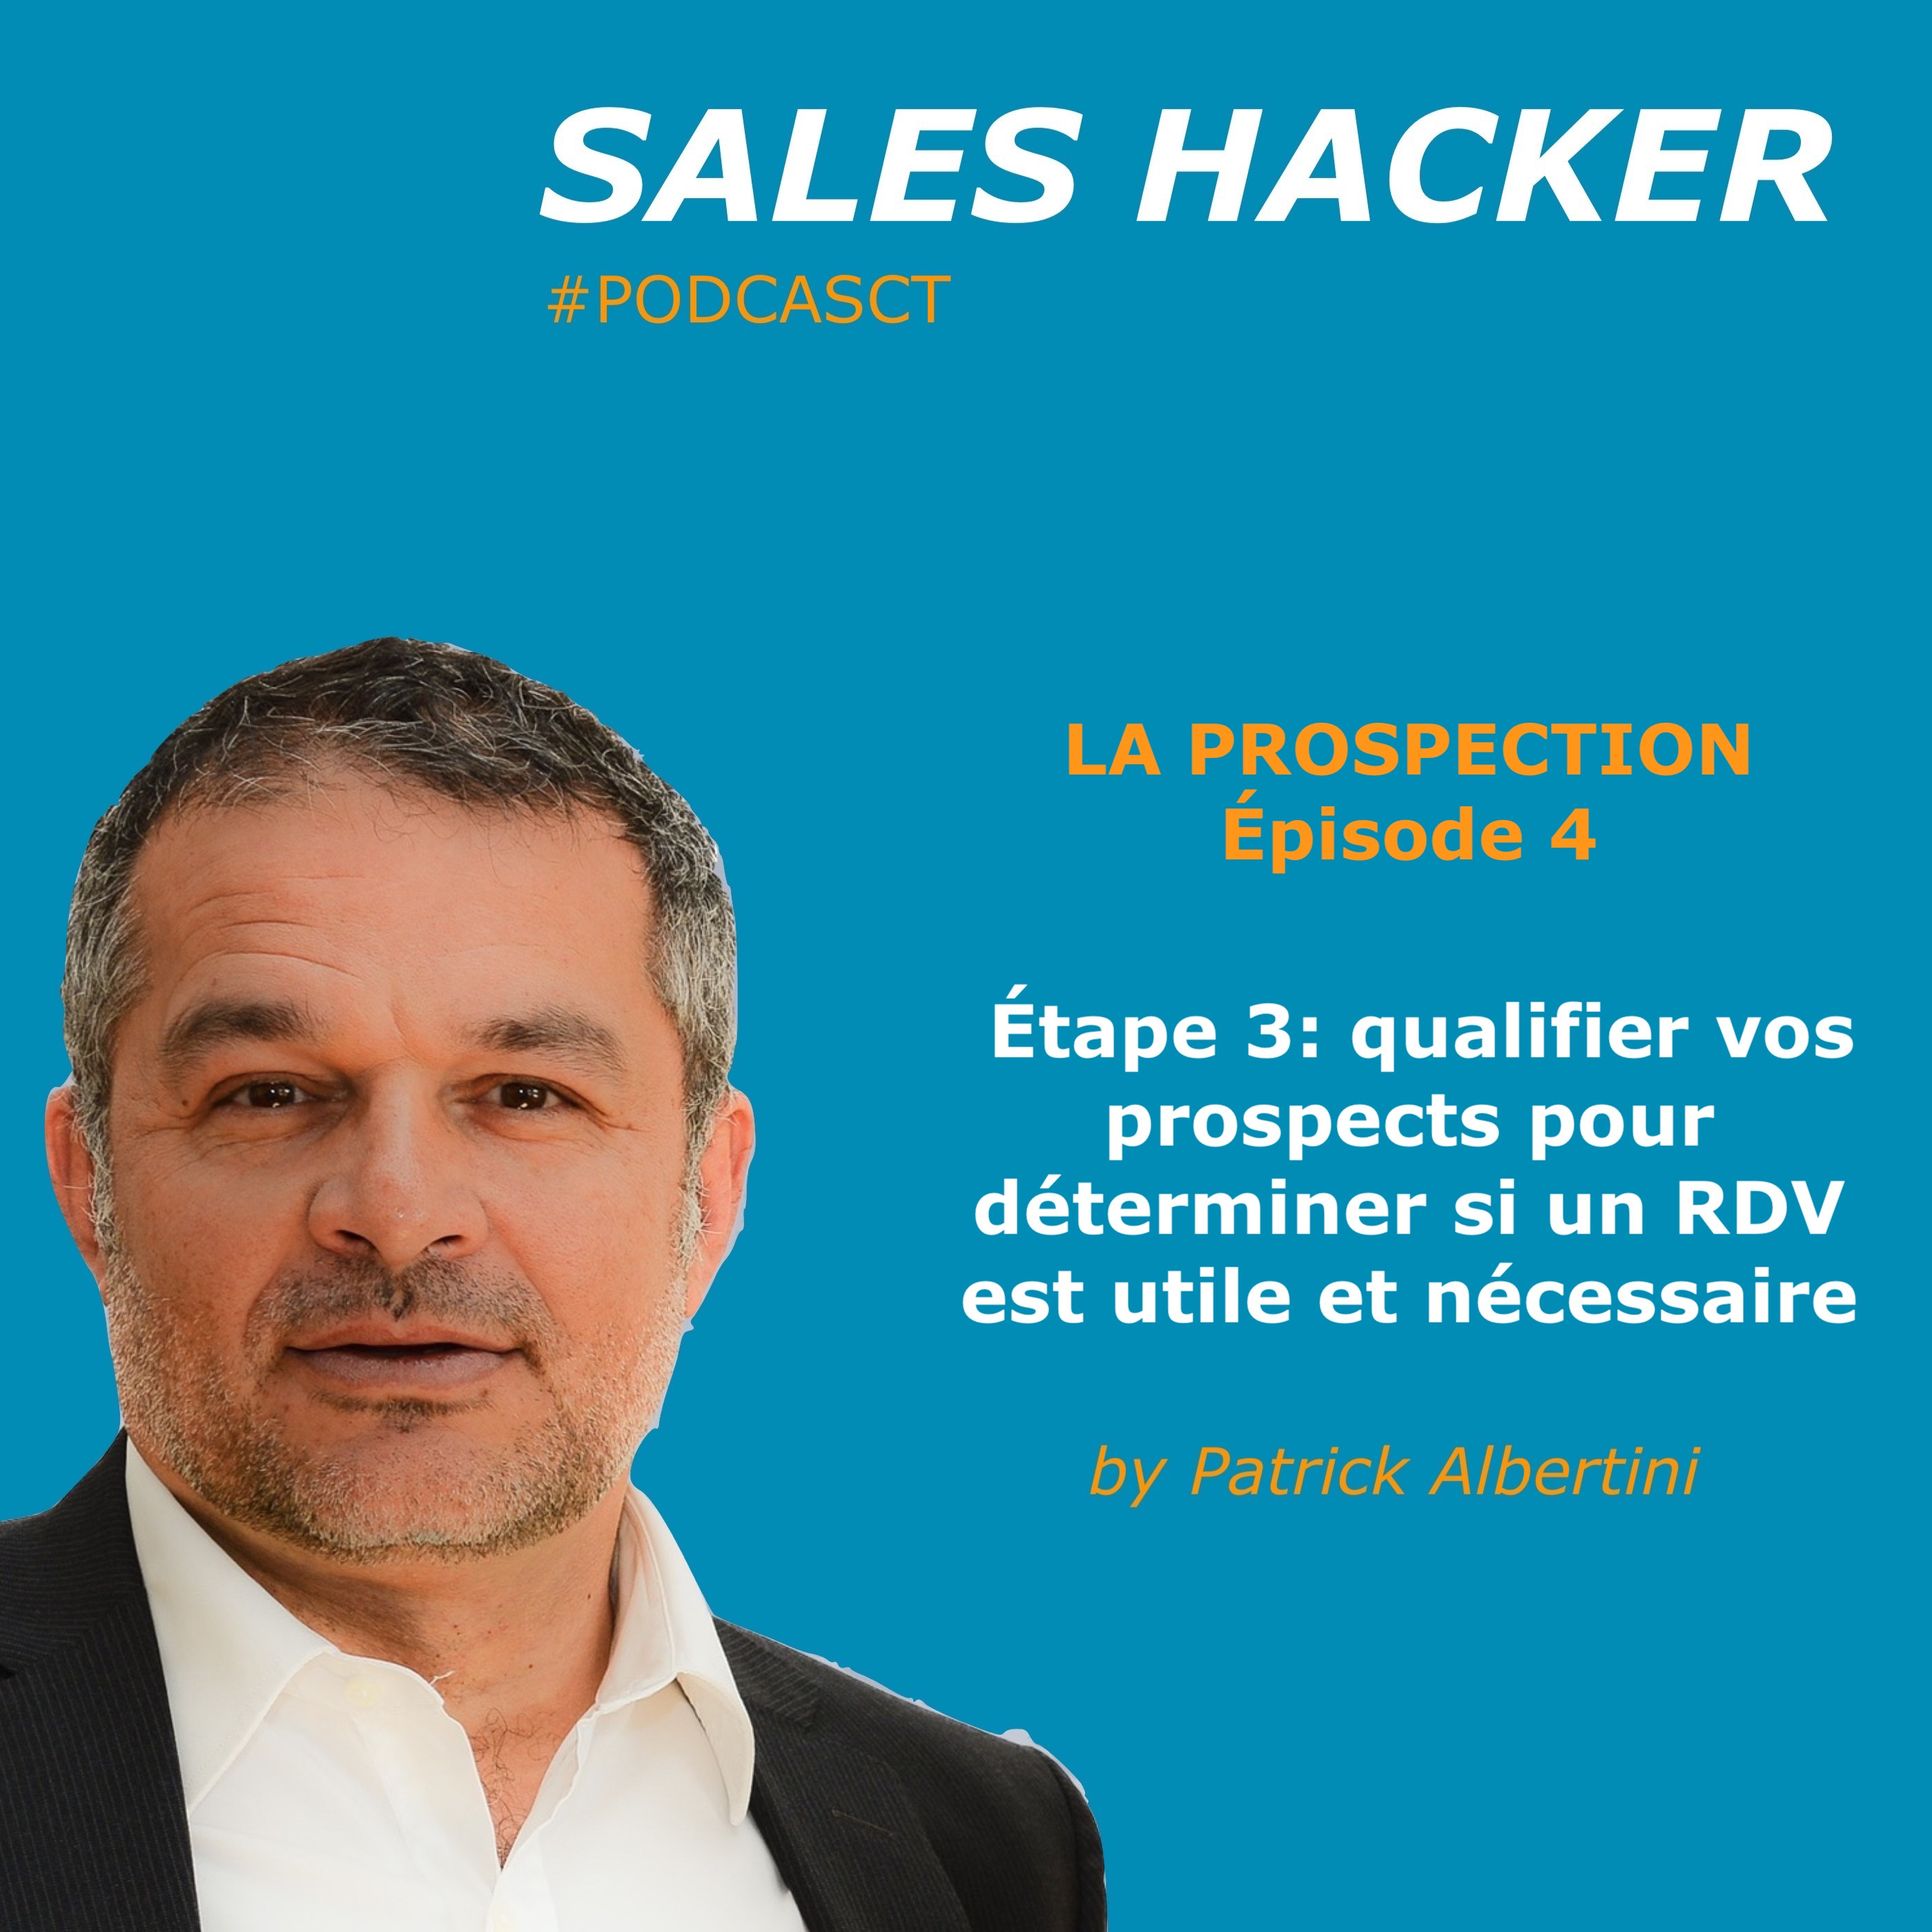 Étape 3: Évaluer vos prospects avant de planifier un RDV.